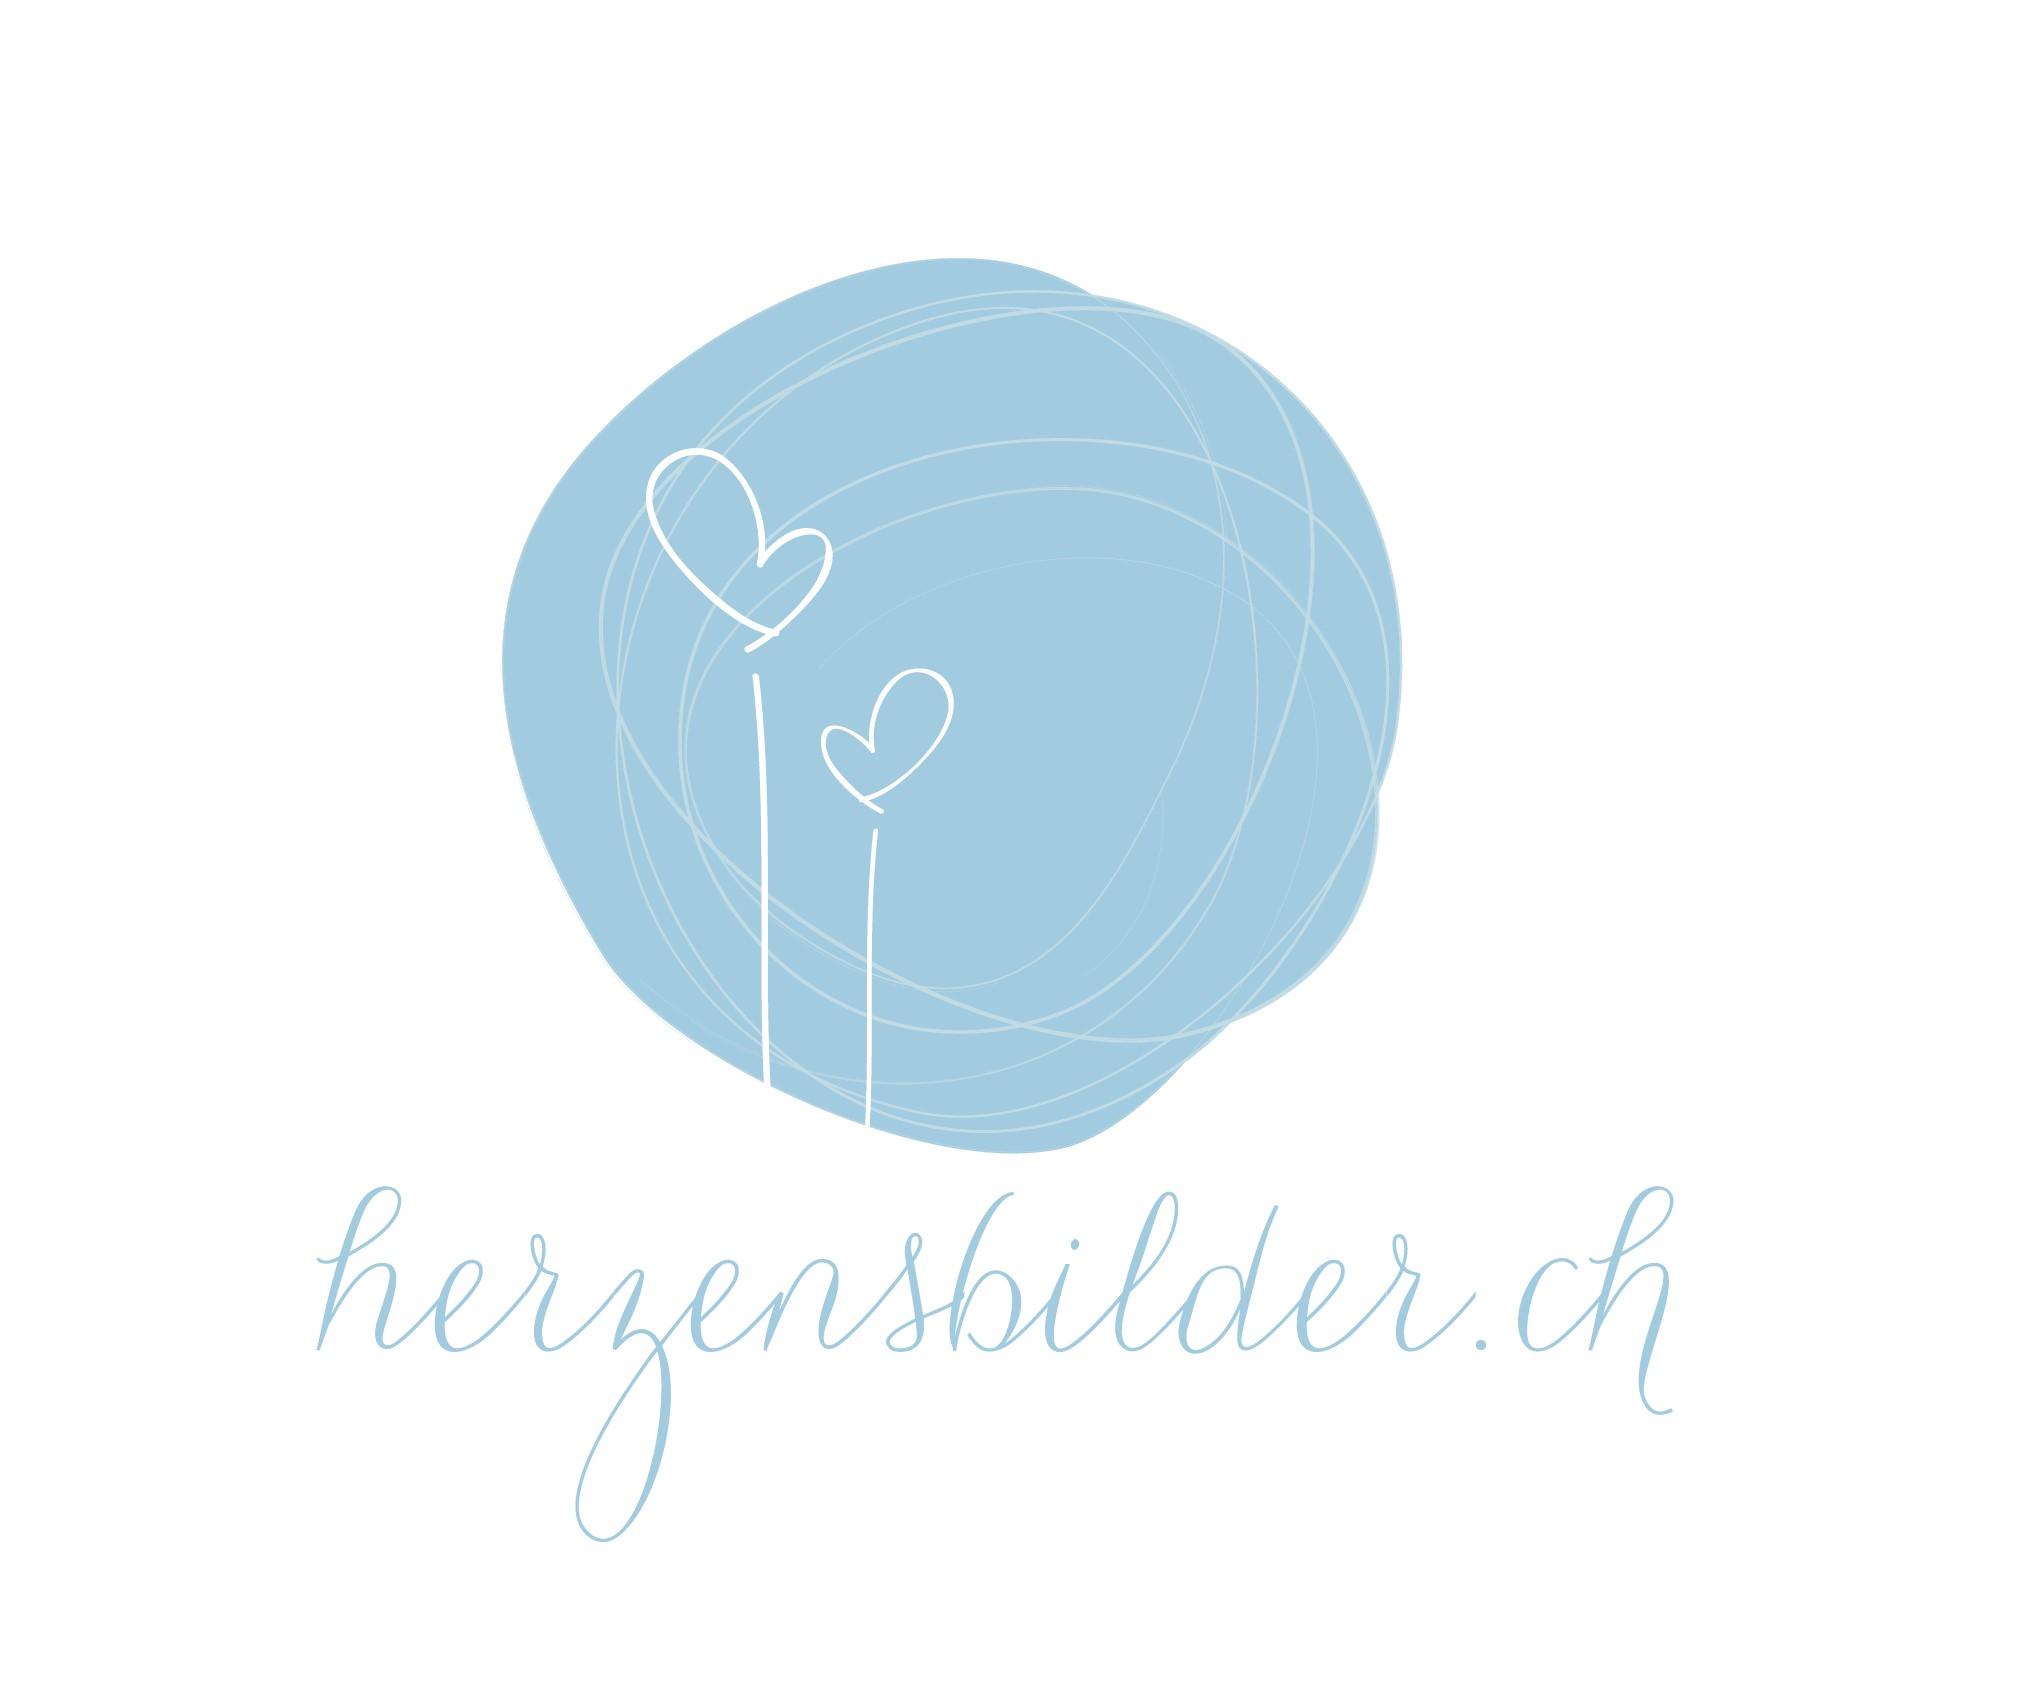 herzensbilder.ch